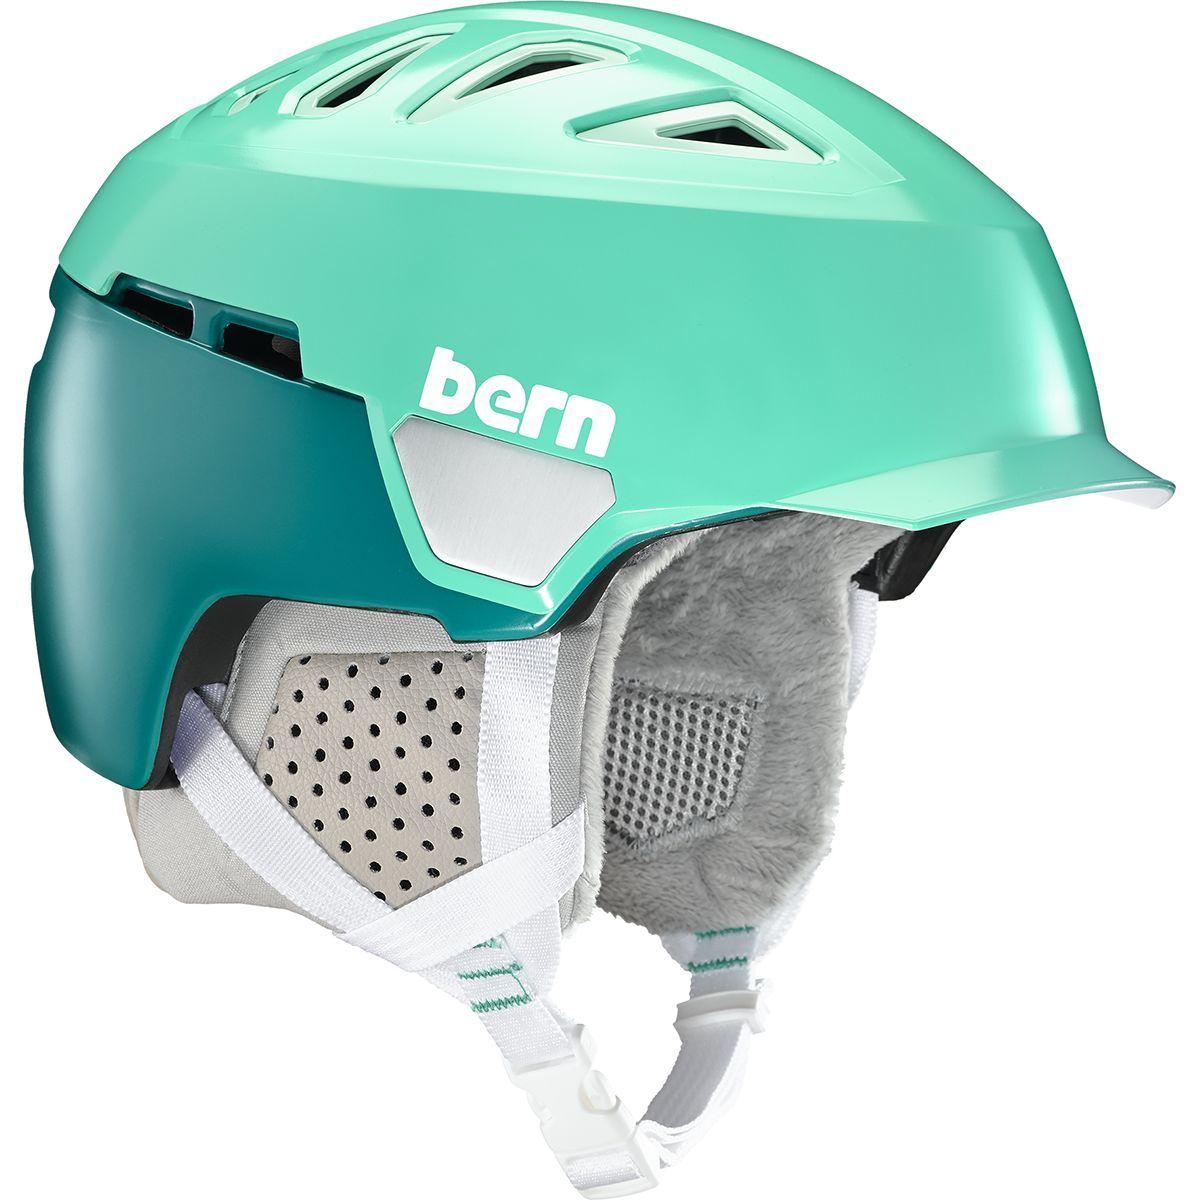 Bern Heist Womens Brim 2018 Ski /& Snowboard Helmet Satin Teal Green